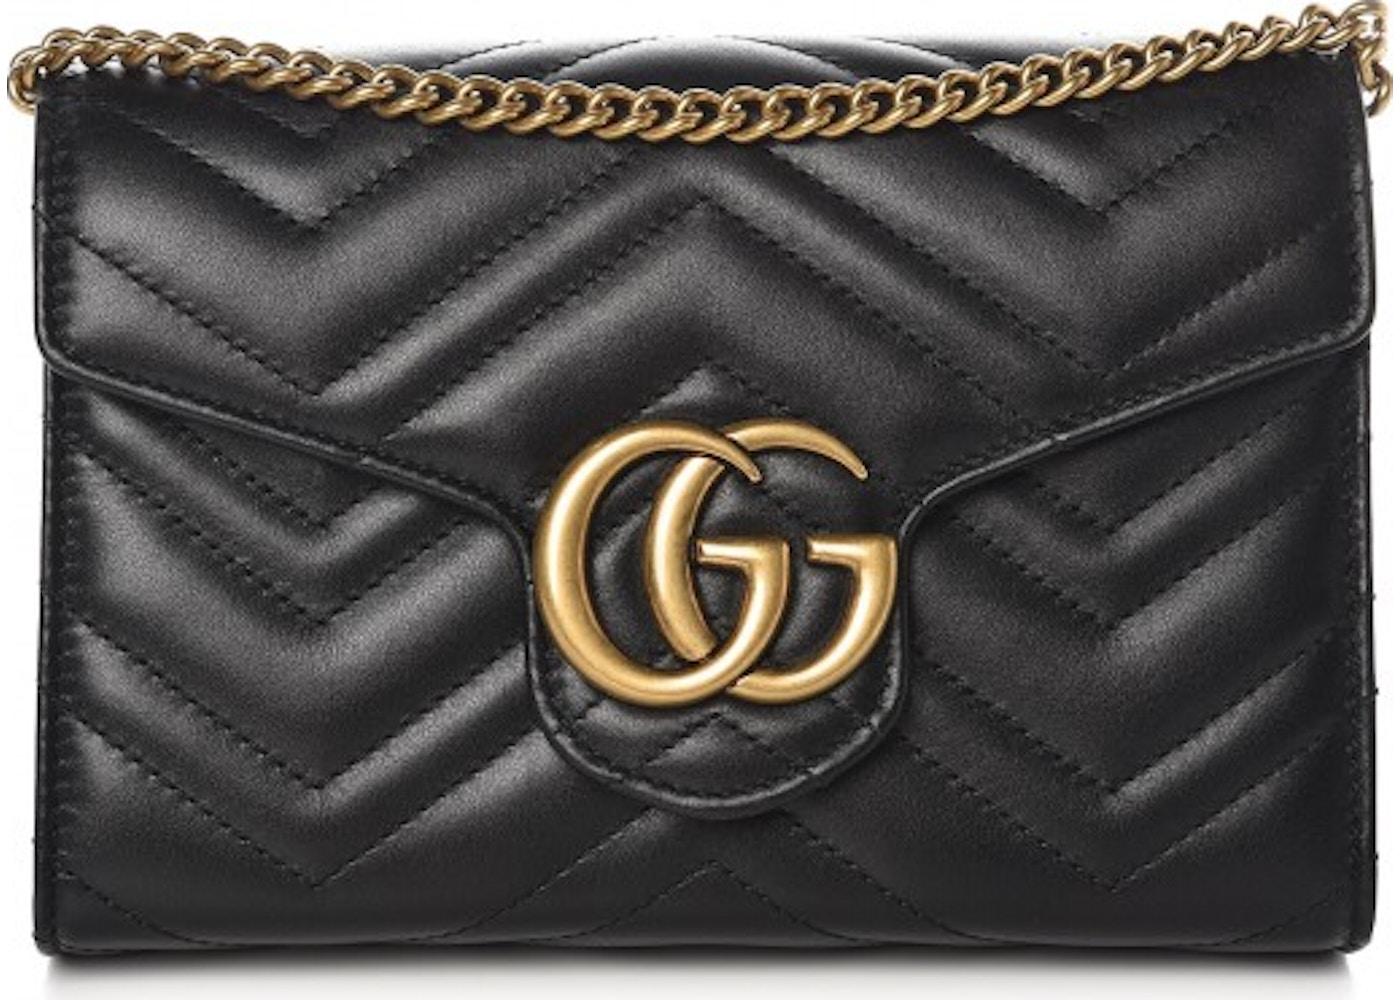 a916e6d1899c Gucci Marmont Wallet on Chain Matelasse Black. Matelasse Black